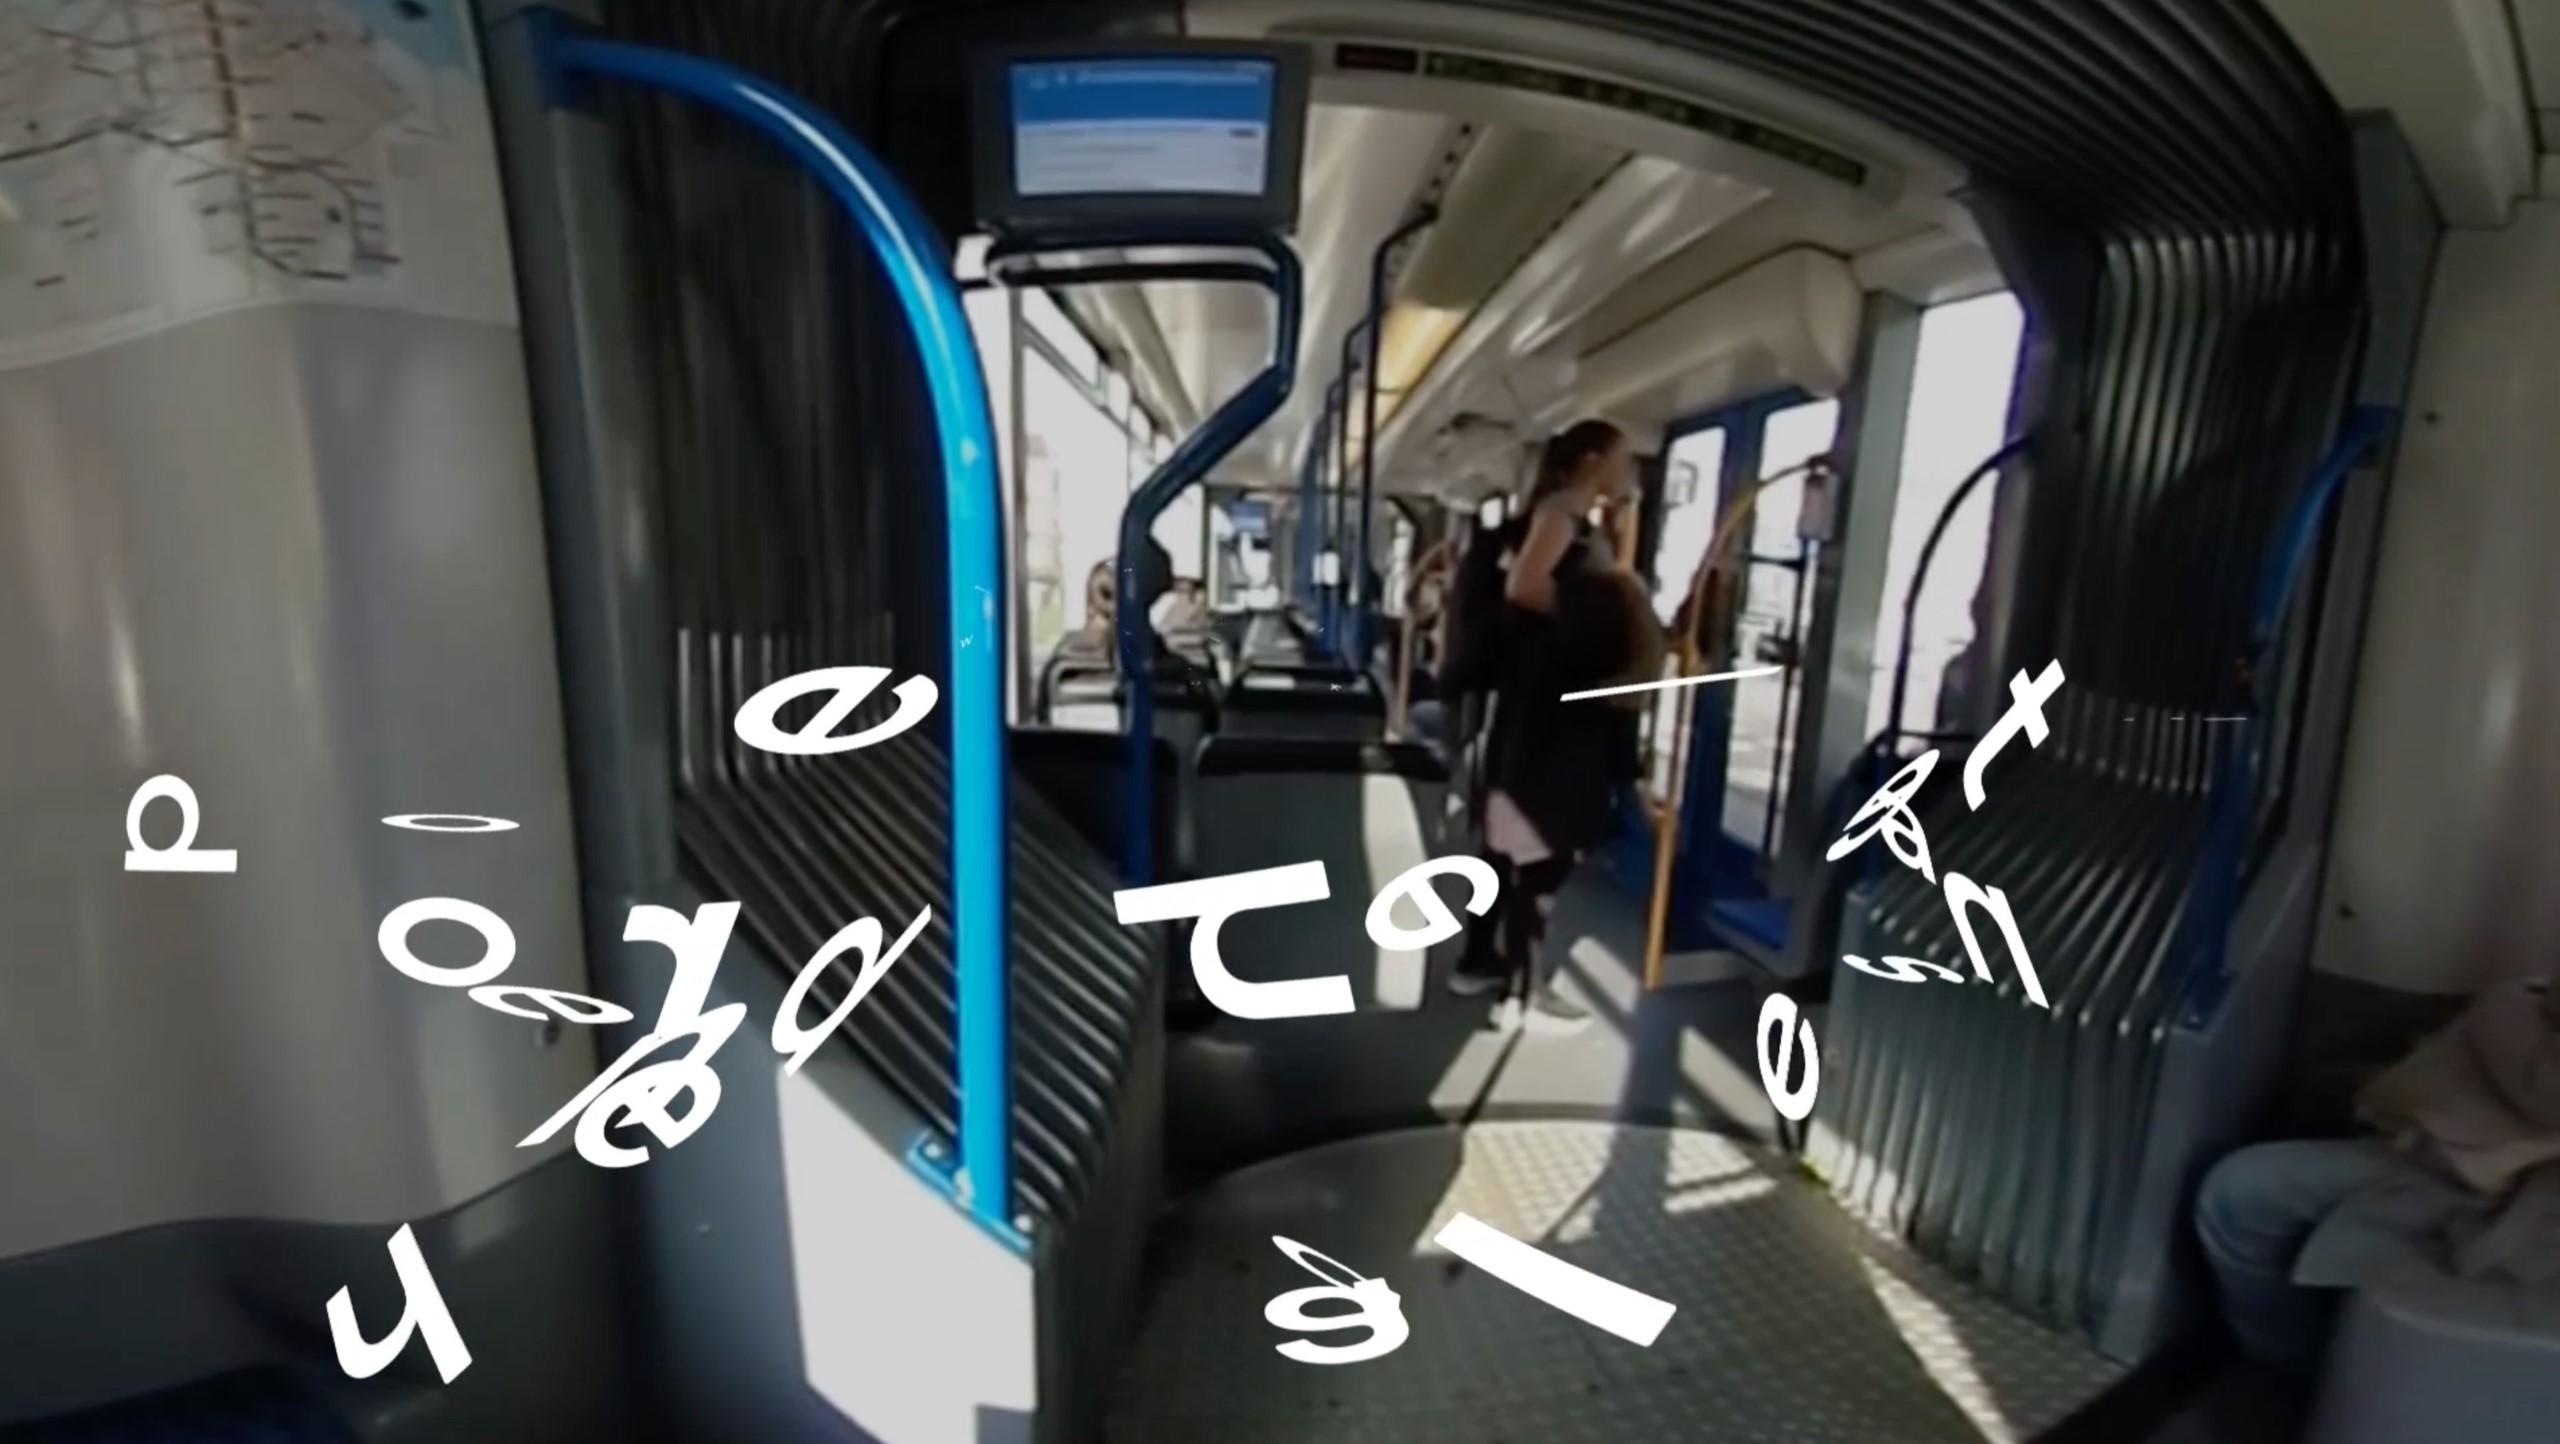 afbeeldinglijn3.jpg